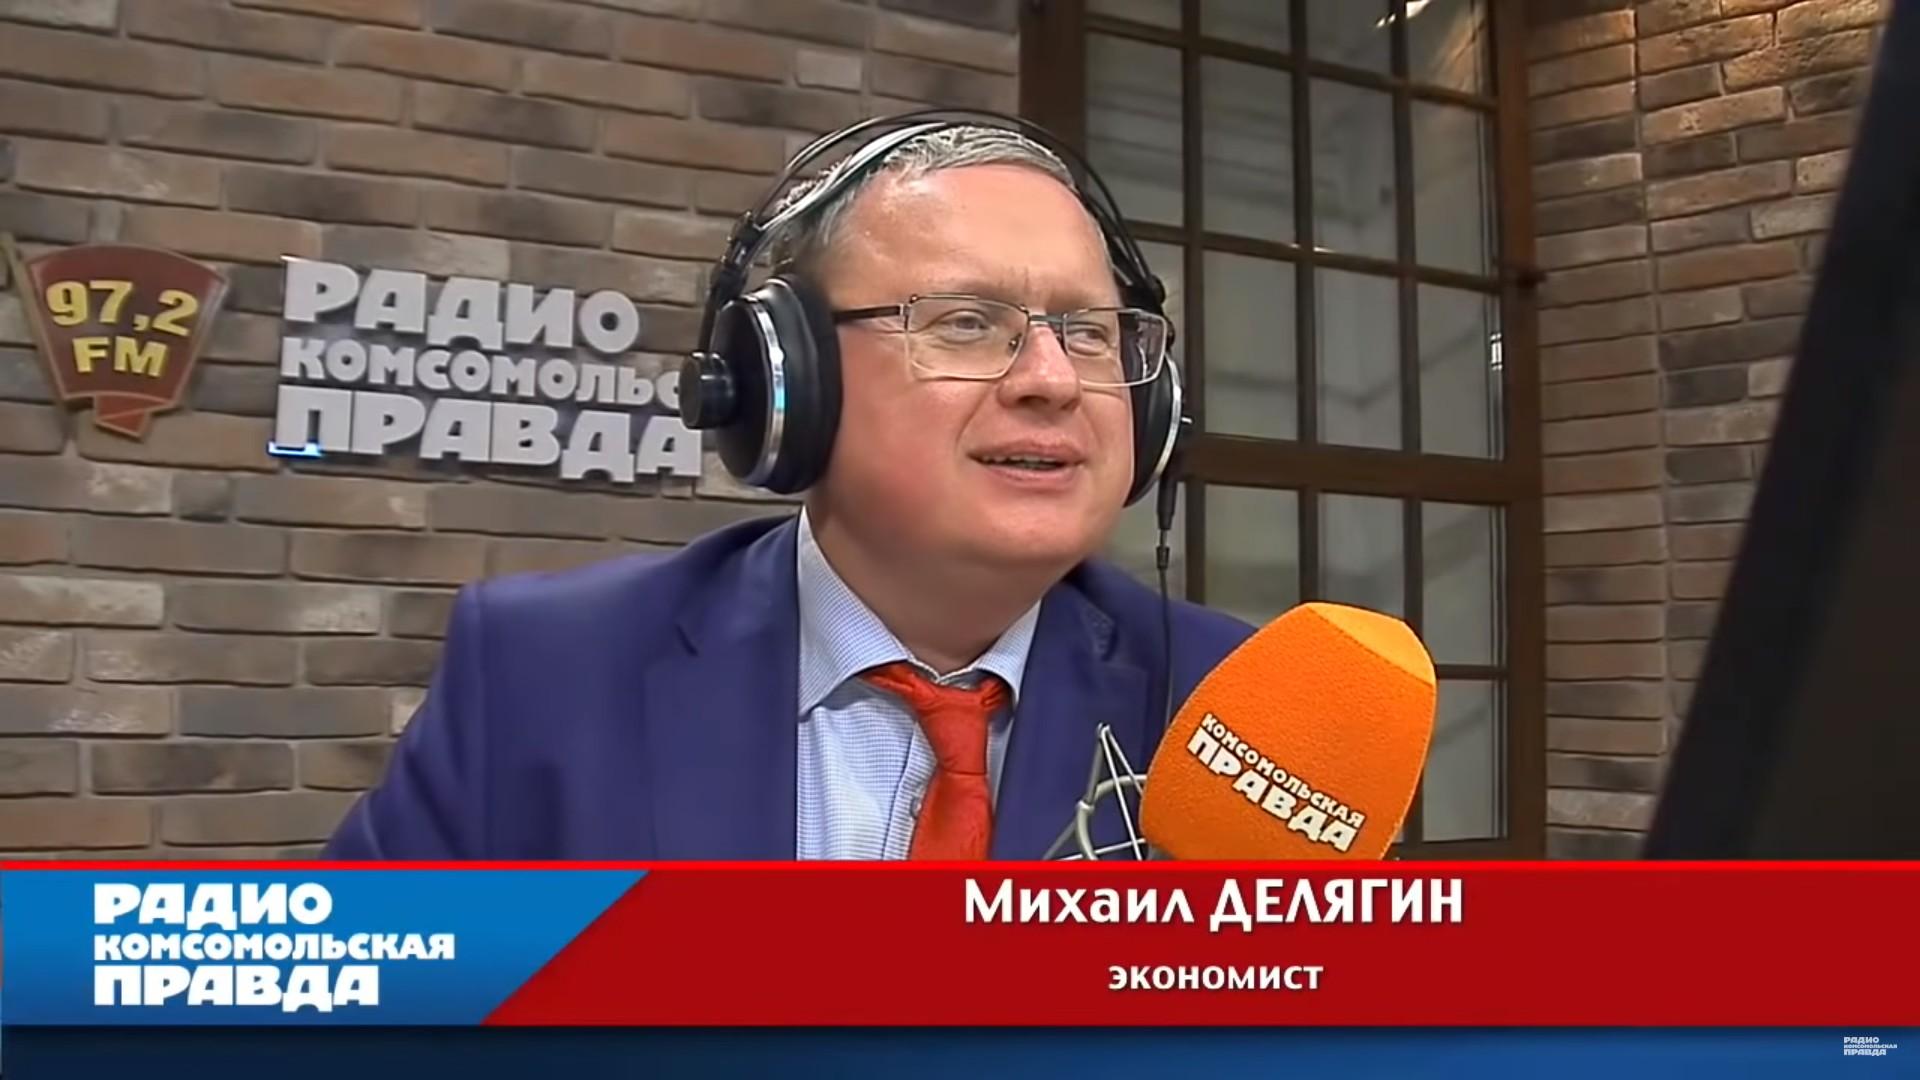 Комсомольская правда делягин личные деньги